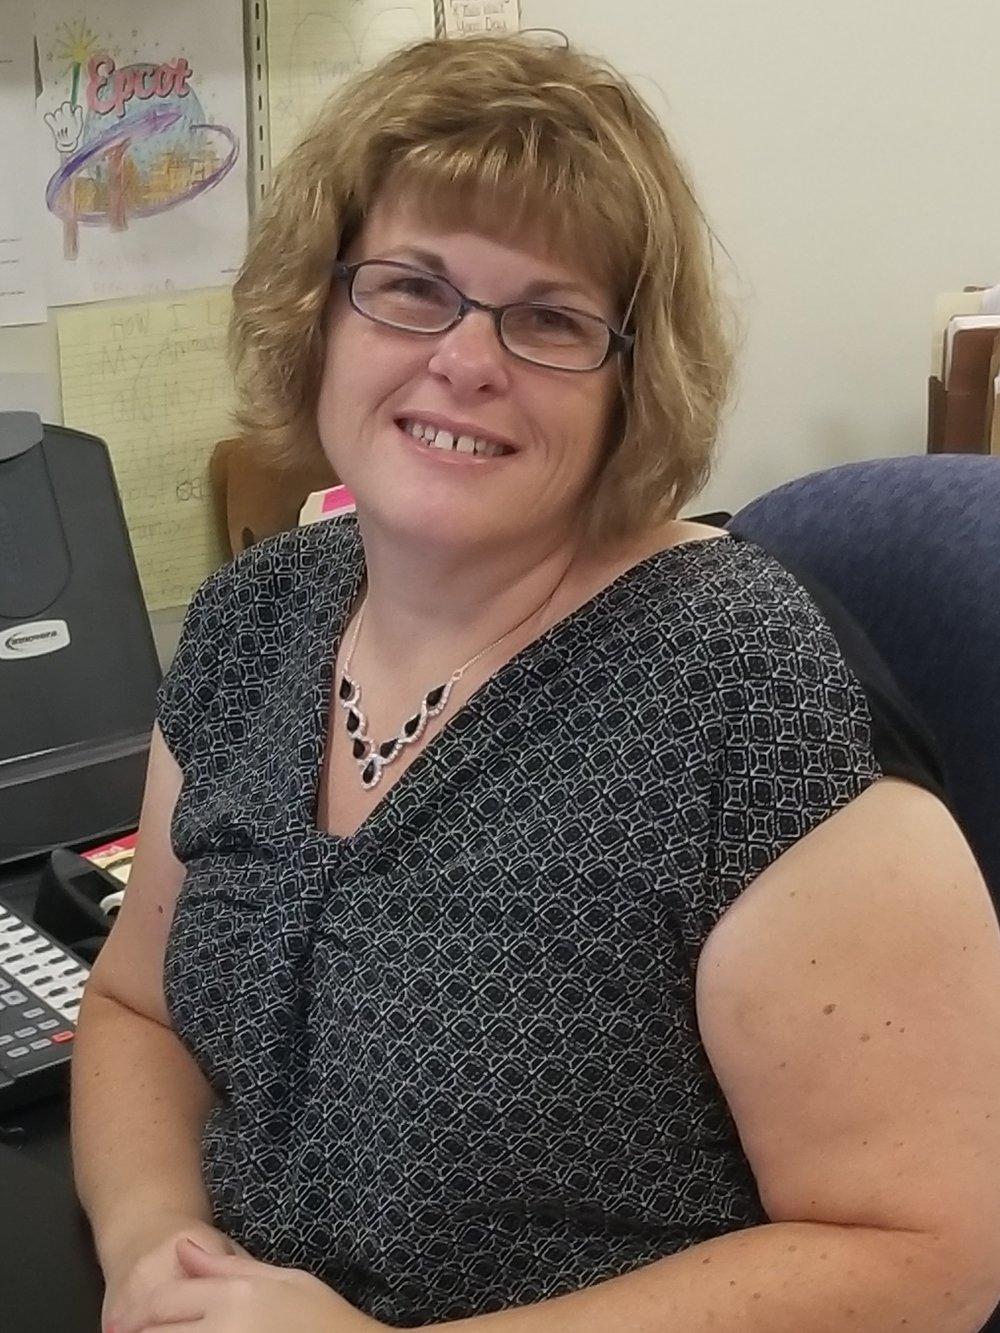 Tina, assistant